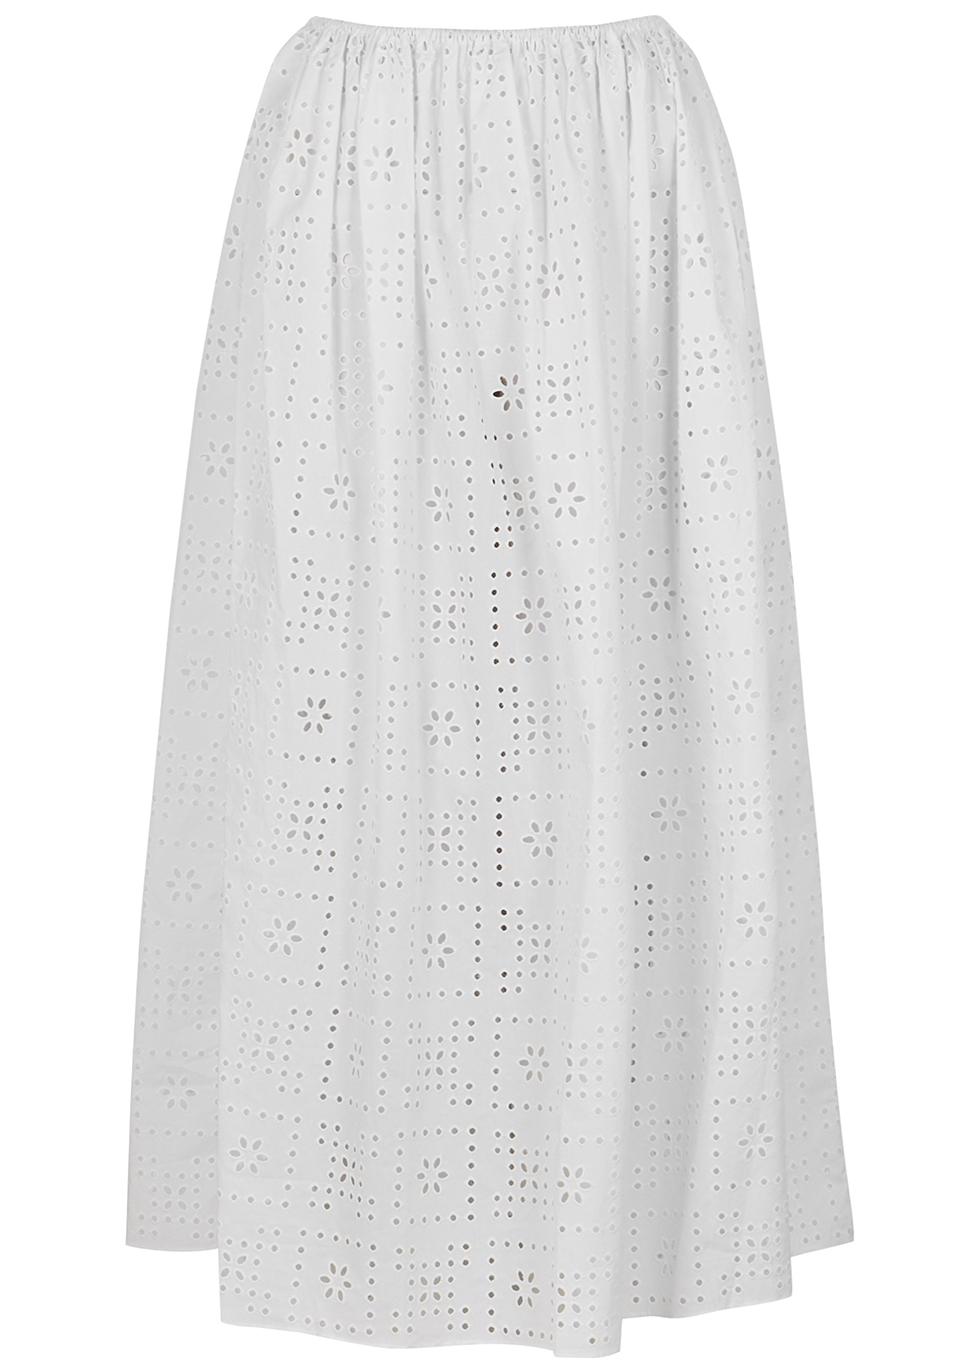 The Crochet Broderie white midi skirt